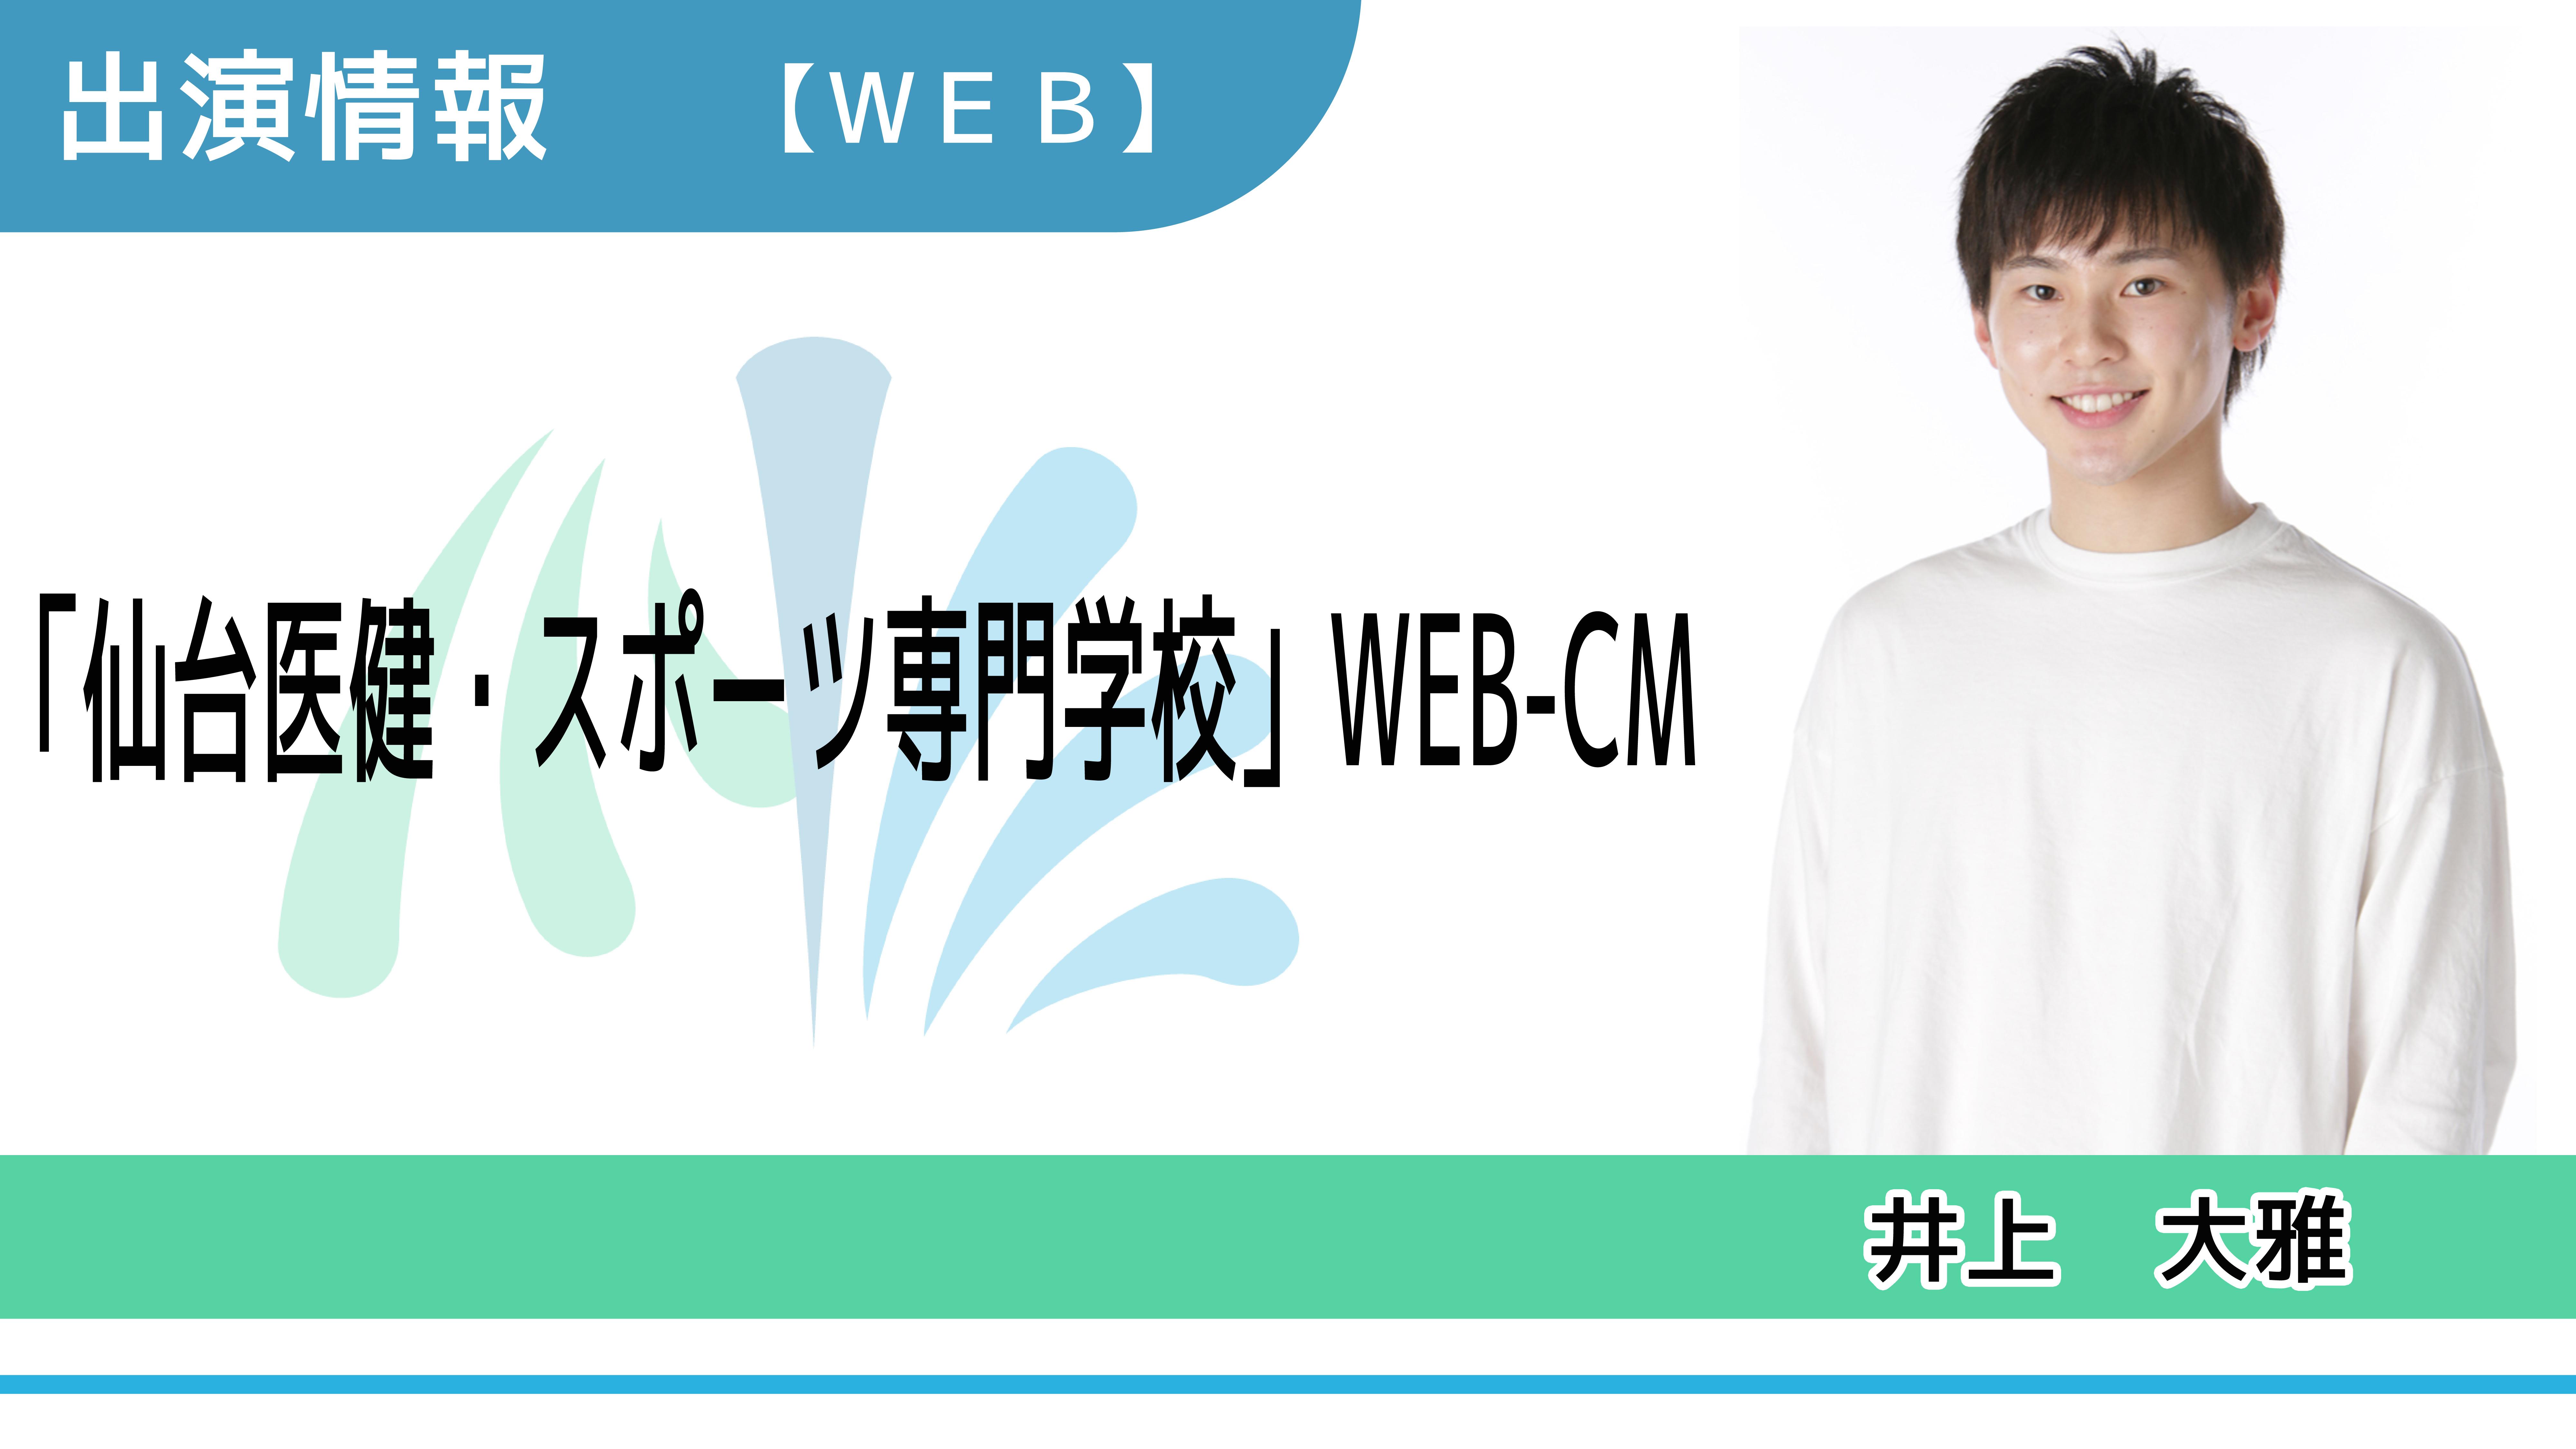 【出演情報】井上大雅 / 「仙台医健・スポーツ専門学校」WEB-CM出演